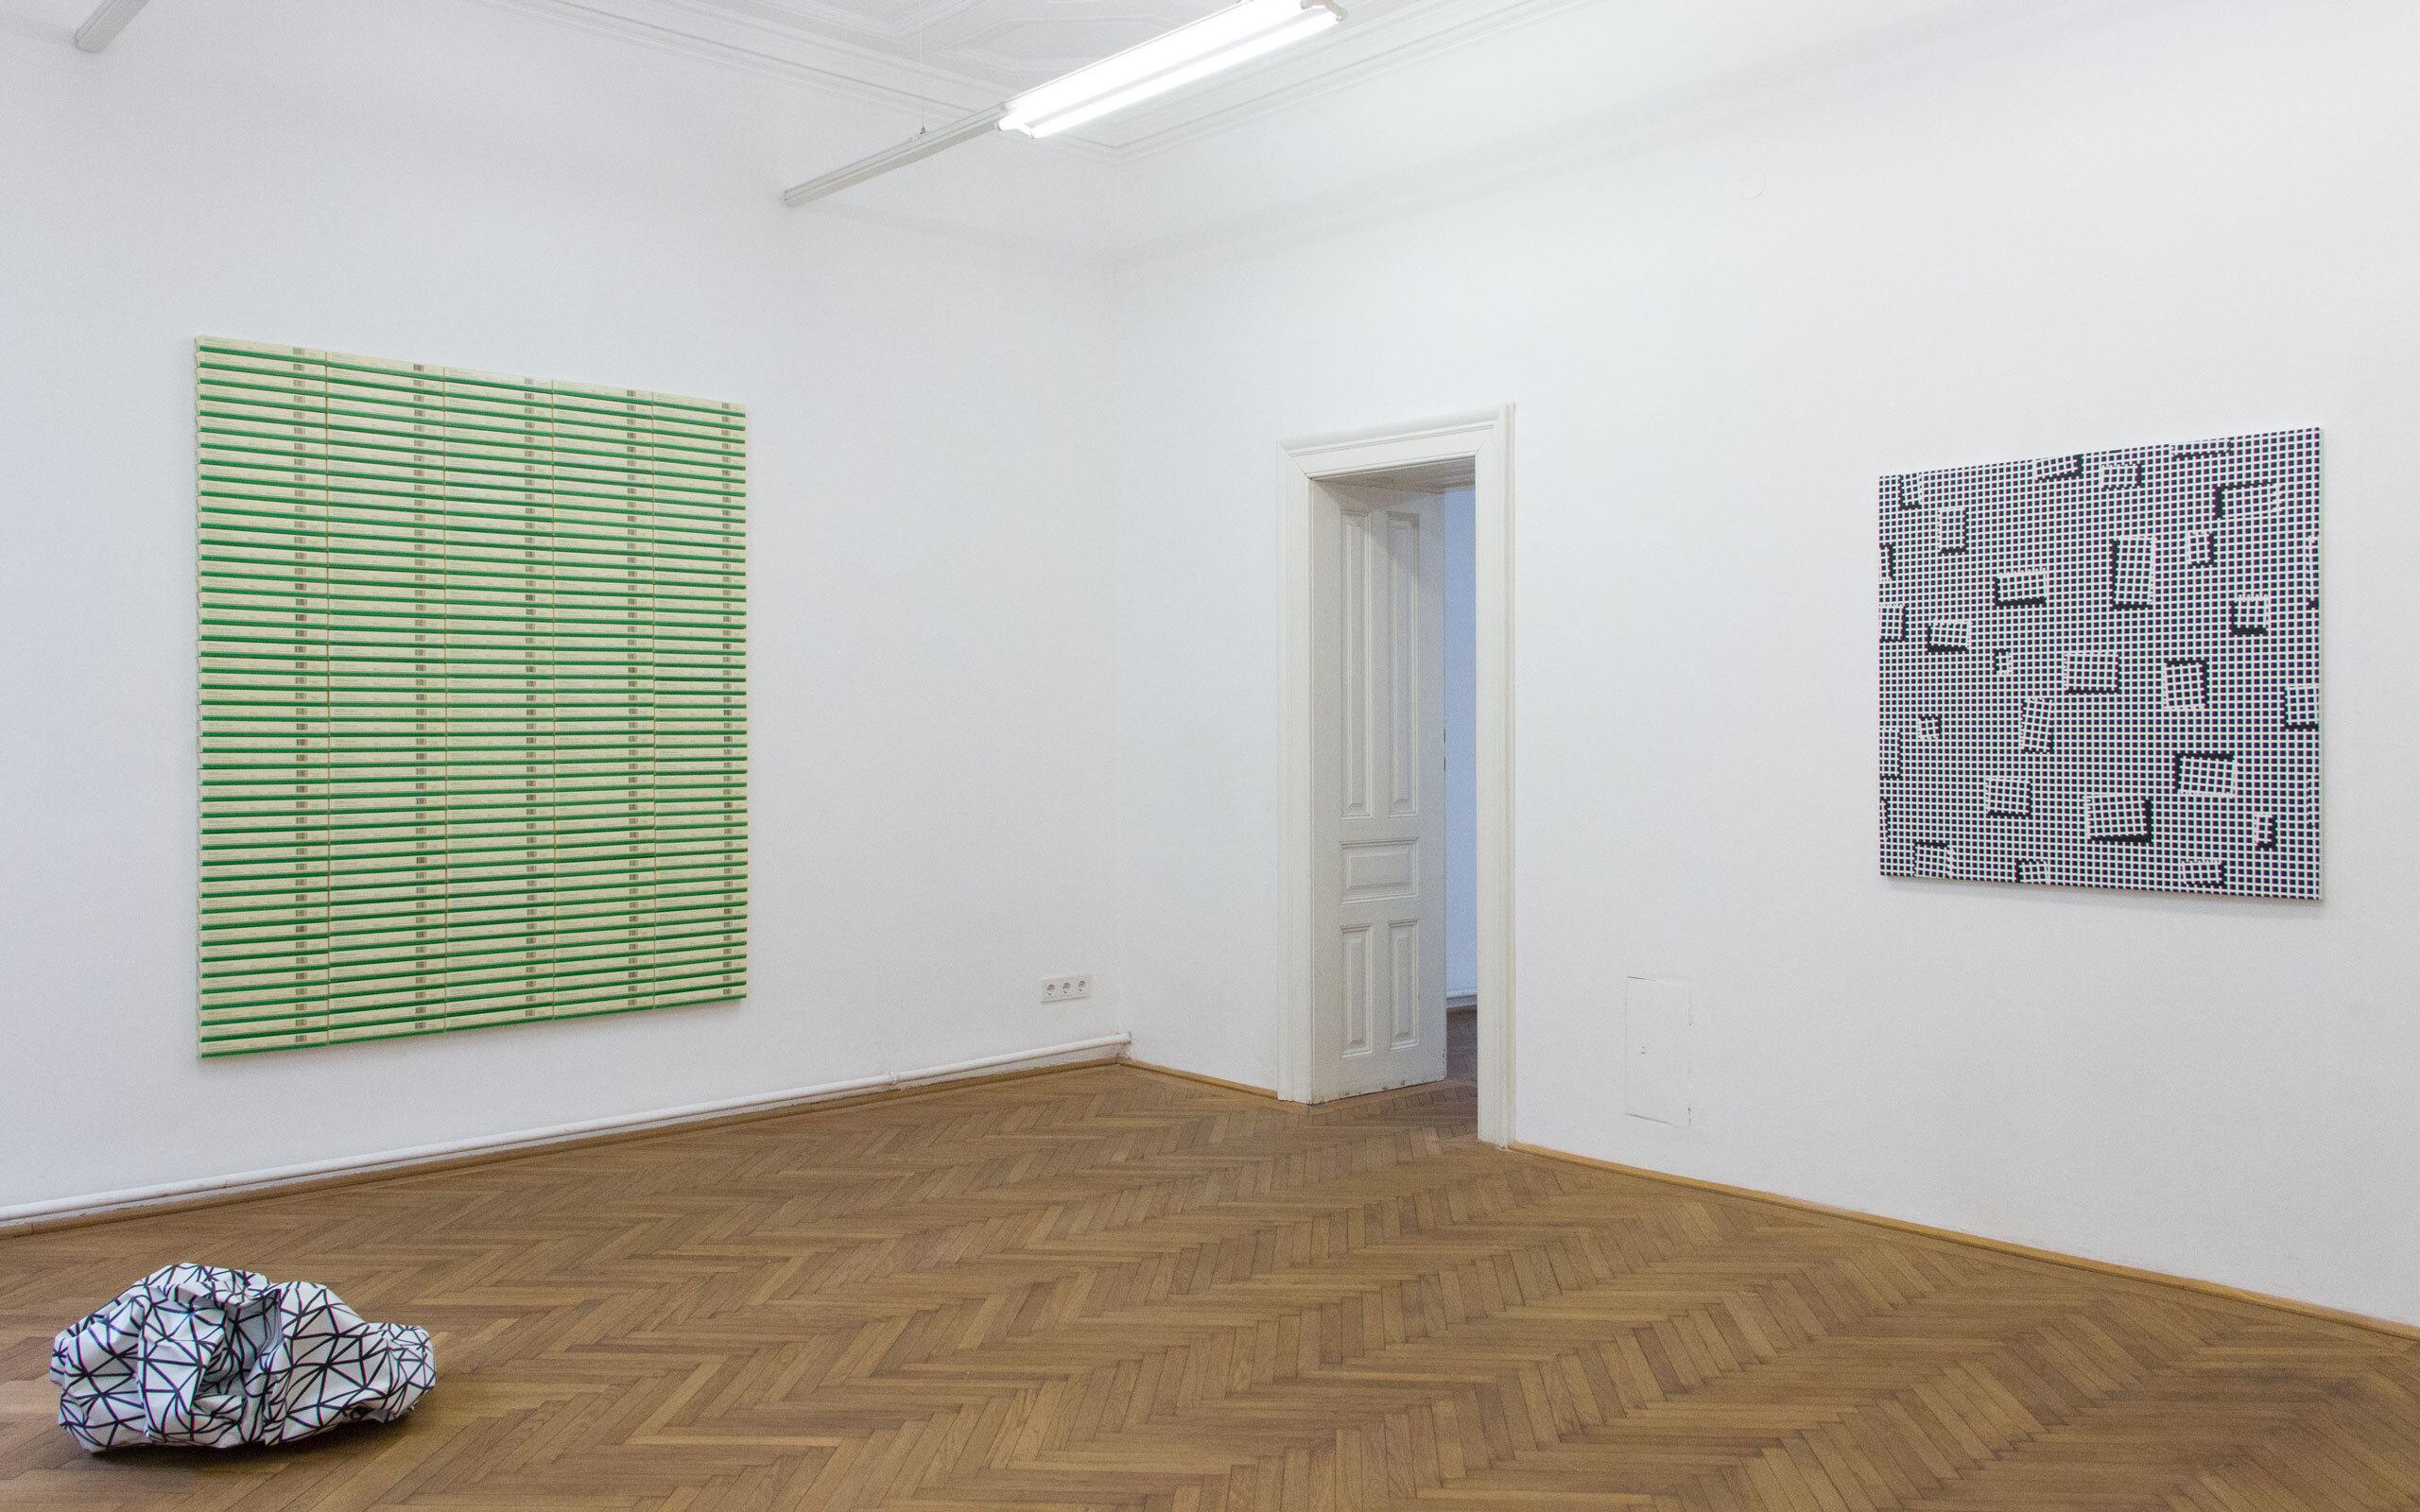 02 e stocker j dahlgren rules of abstraction fjk3